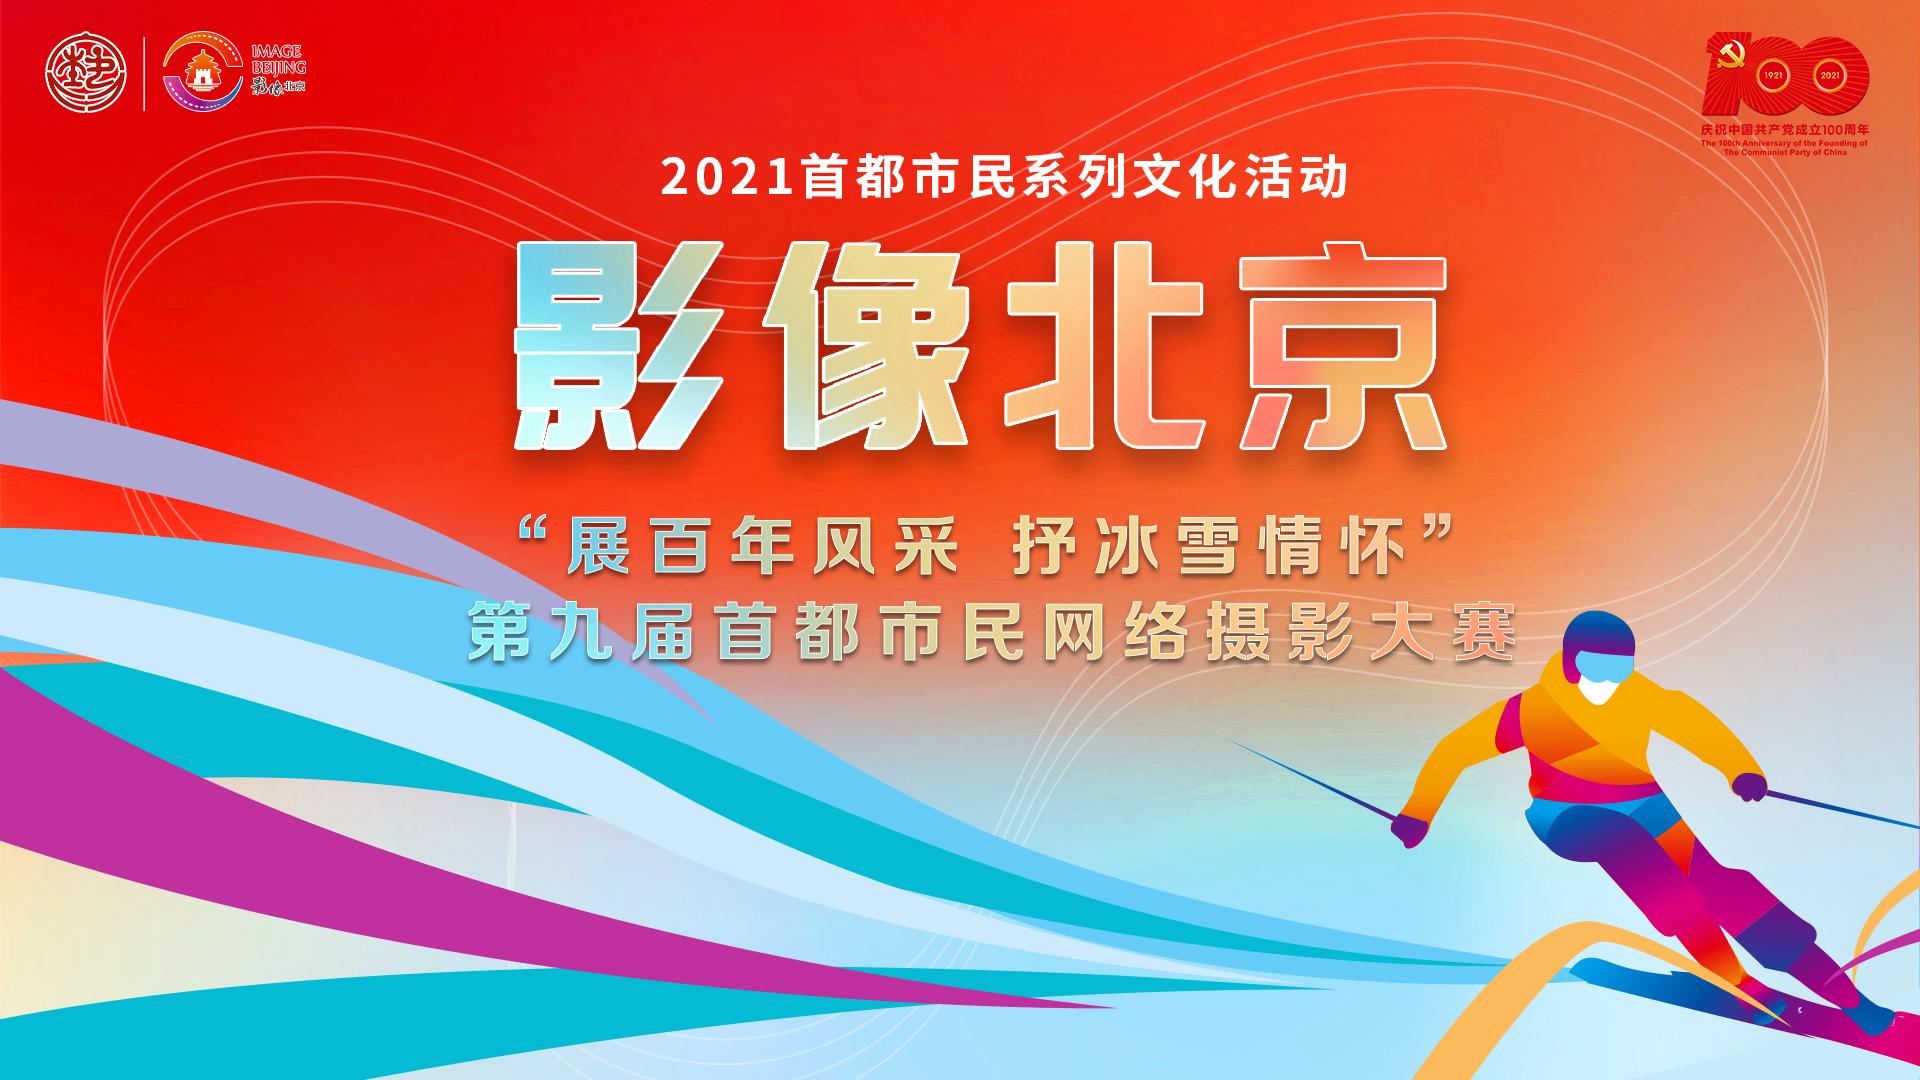 2021影像北京